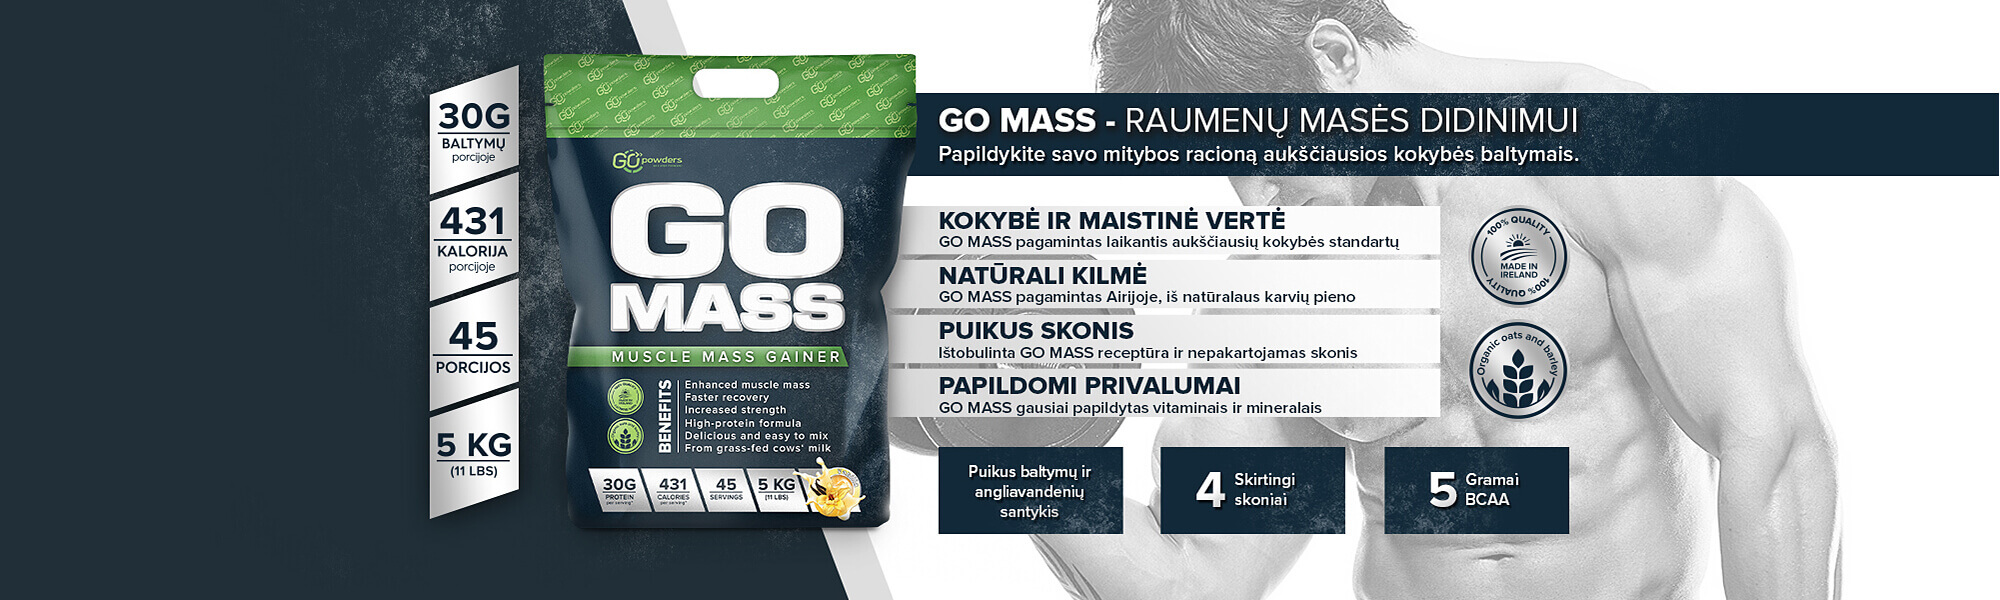 Gomassbanner_2000x600_FitSport_LT